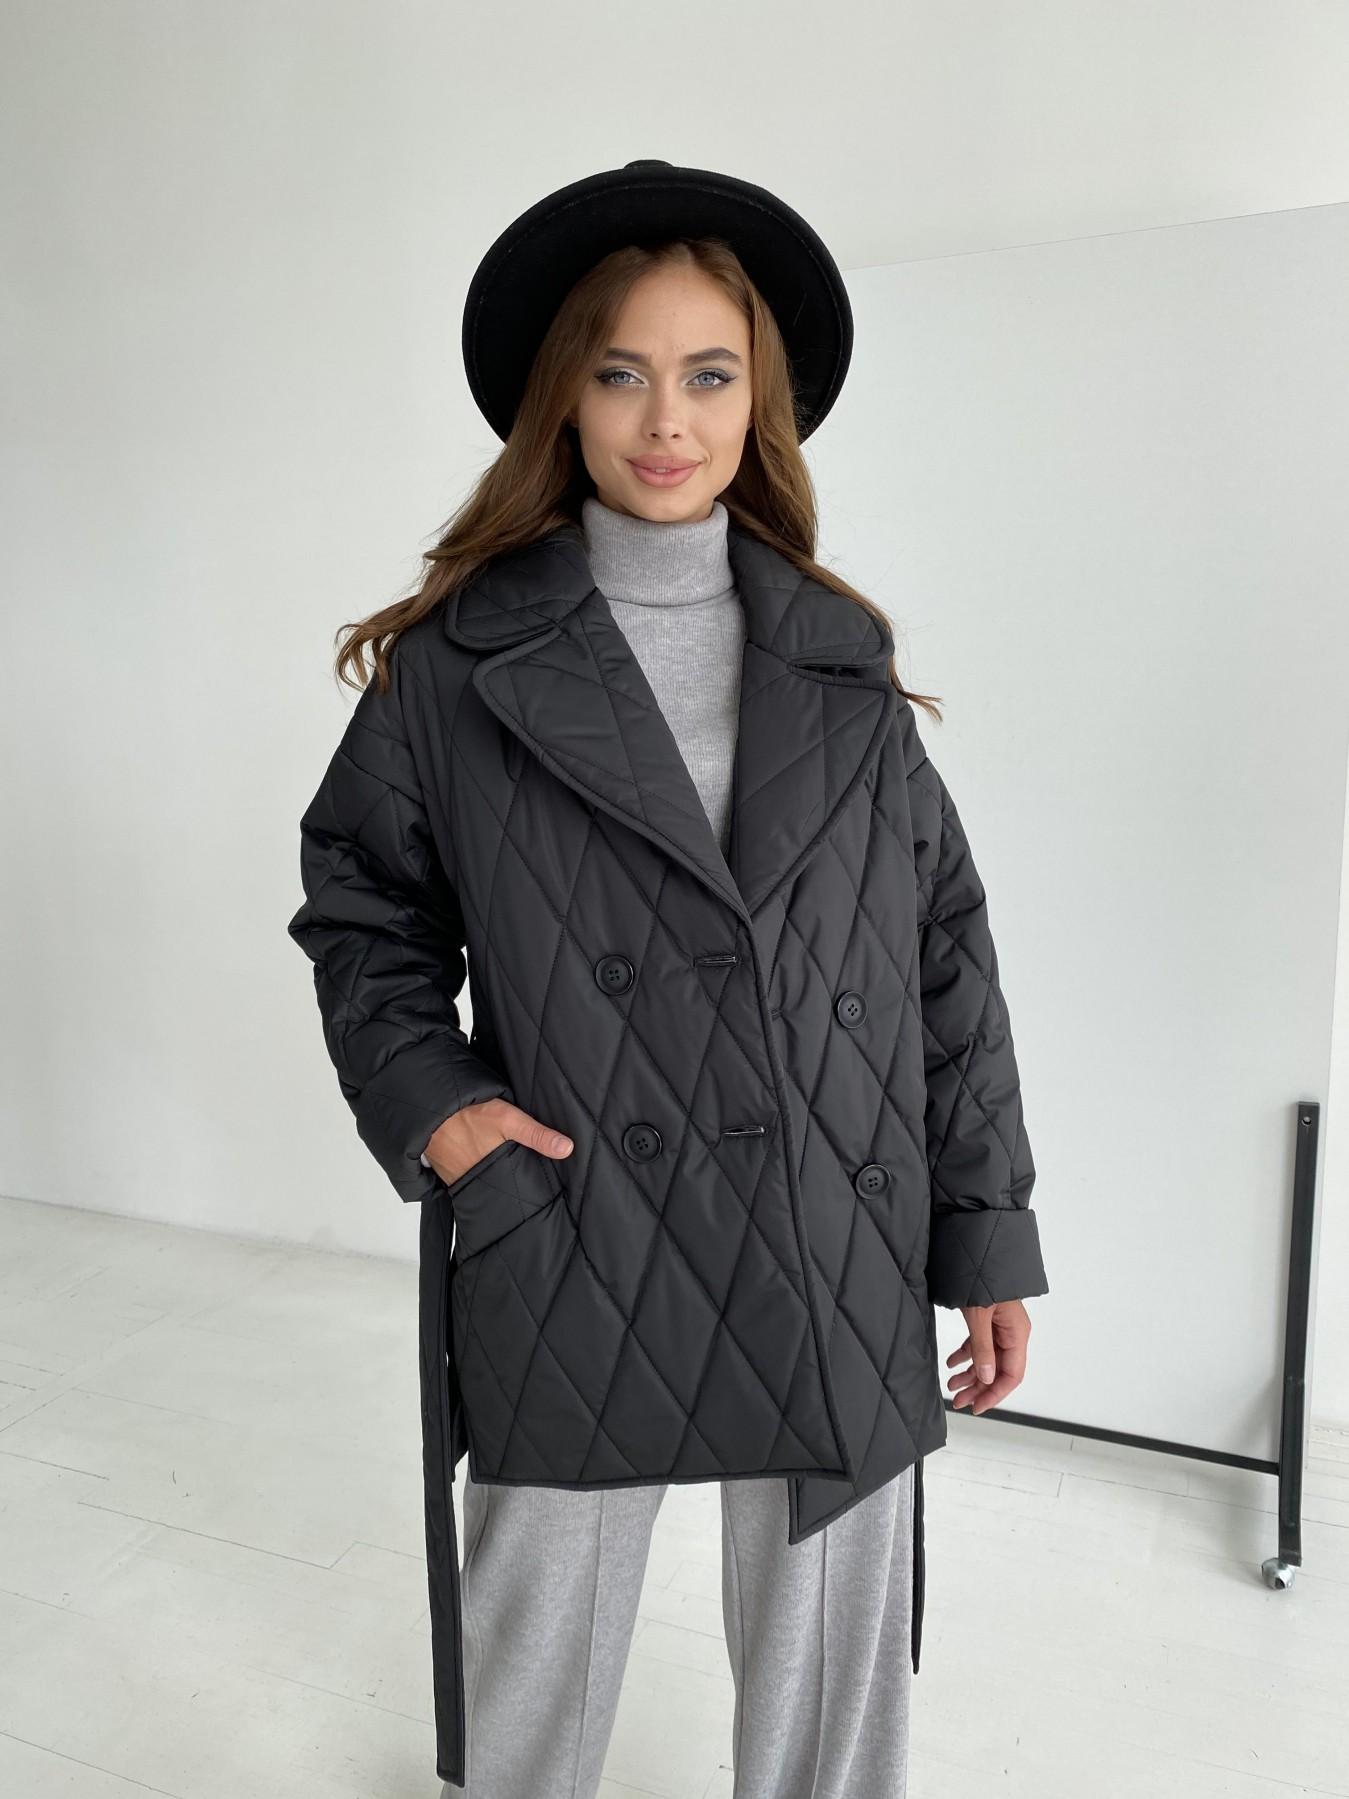 демисезонные куртки Норд стеганая куртка из плащеки 11770